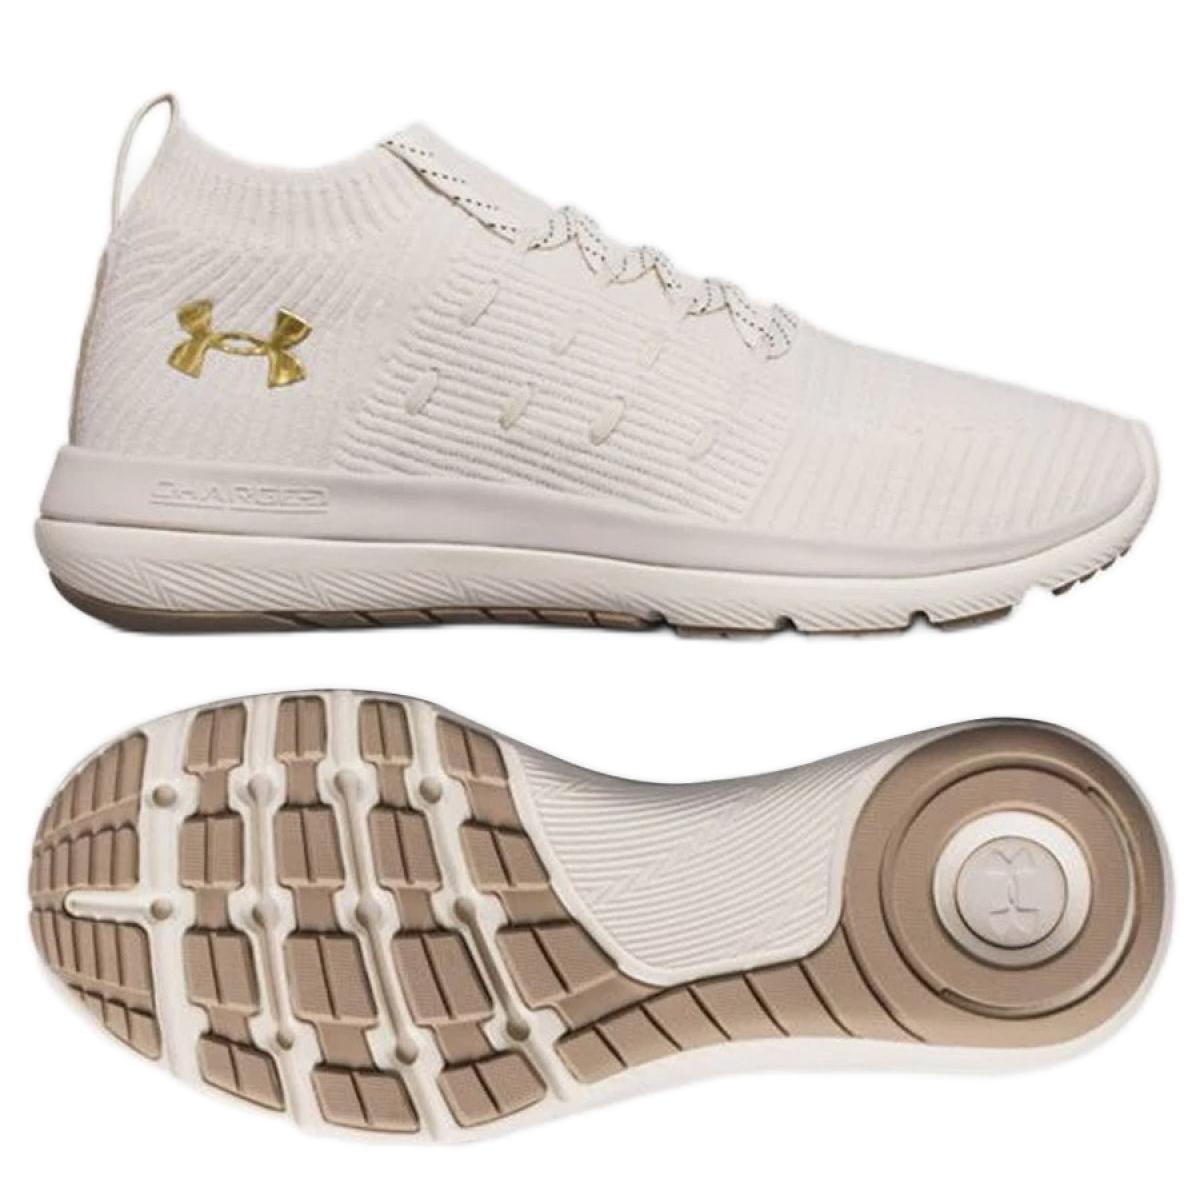 Details about Under Armour Under Armor Shoes Slingflex Rise W 3000096 105 white